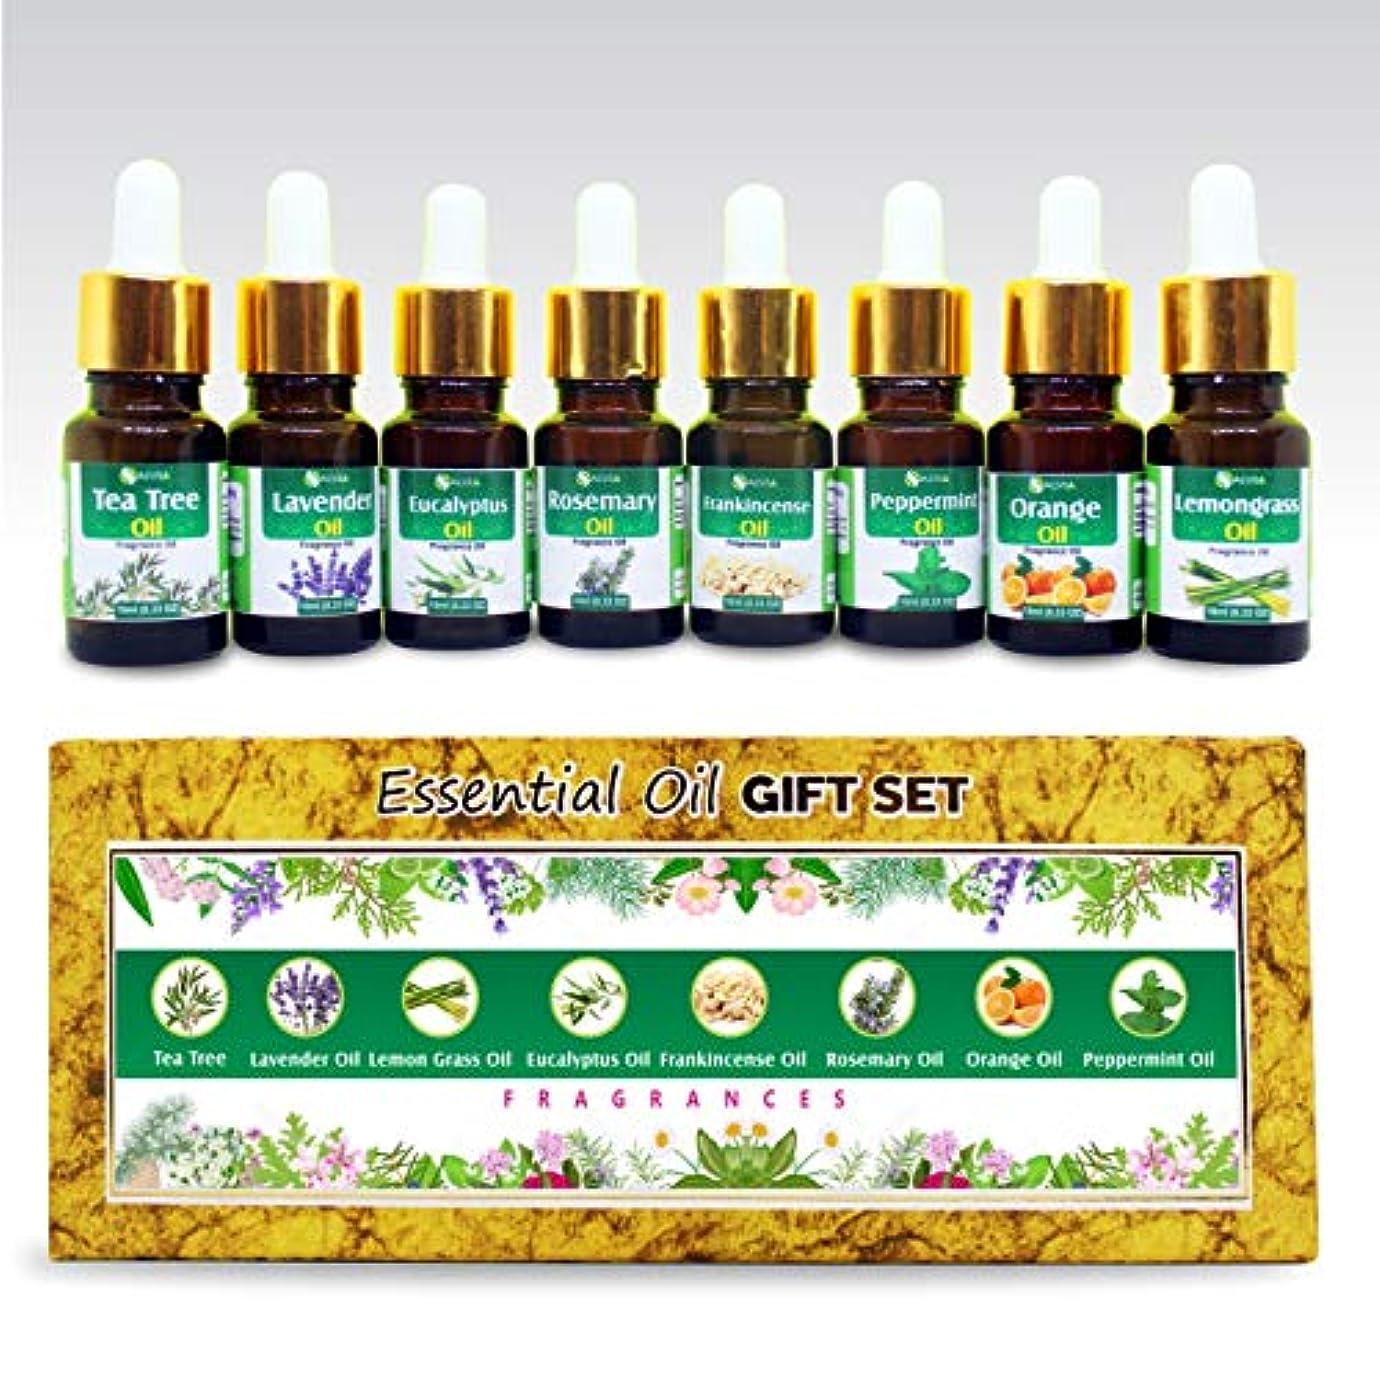 ソートナチュラル燃料Aromatherapy Fragrance Oils - Pack of 8 Essential Oils 100% Natural Therapeutic Oils - 10 ML each (Tea Tree, Lavender...